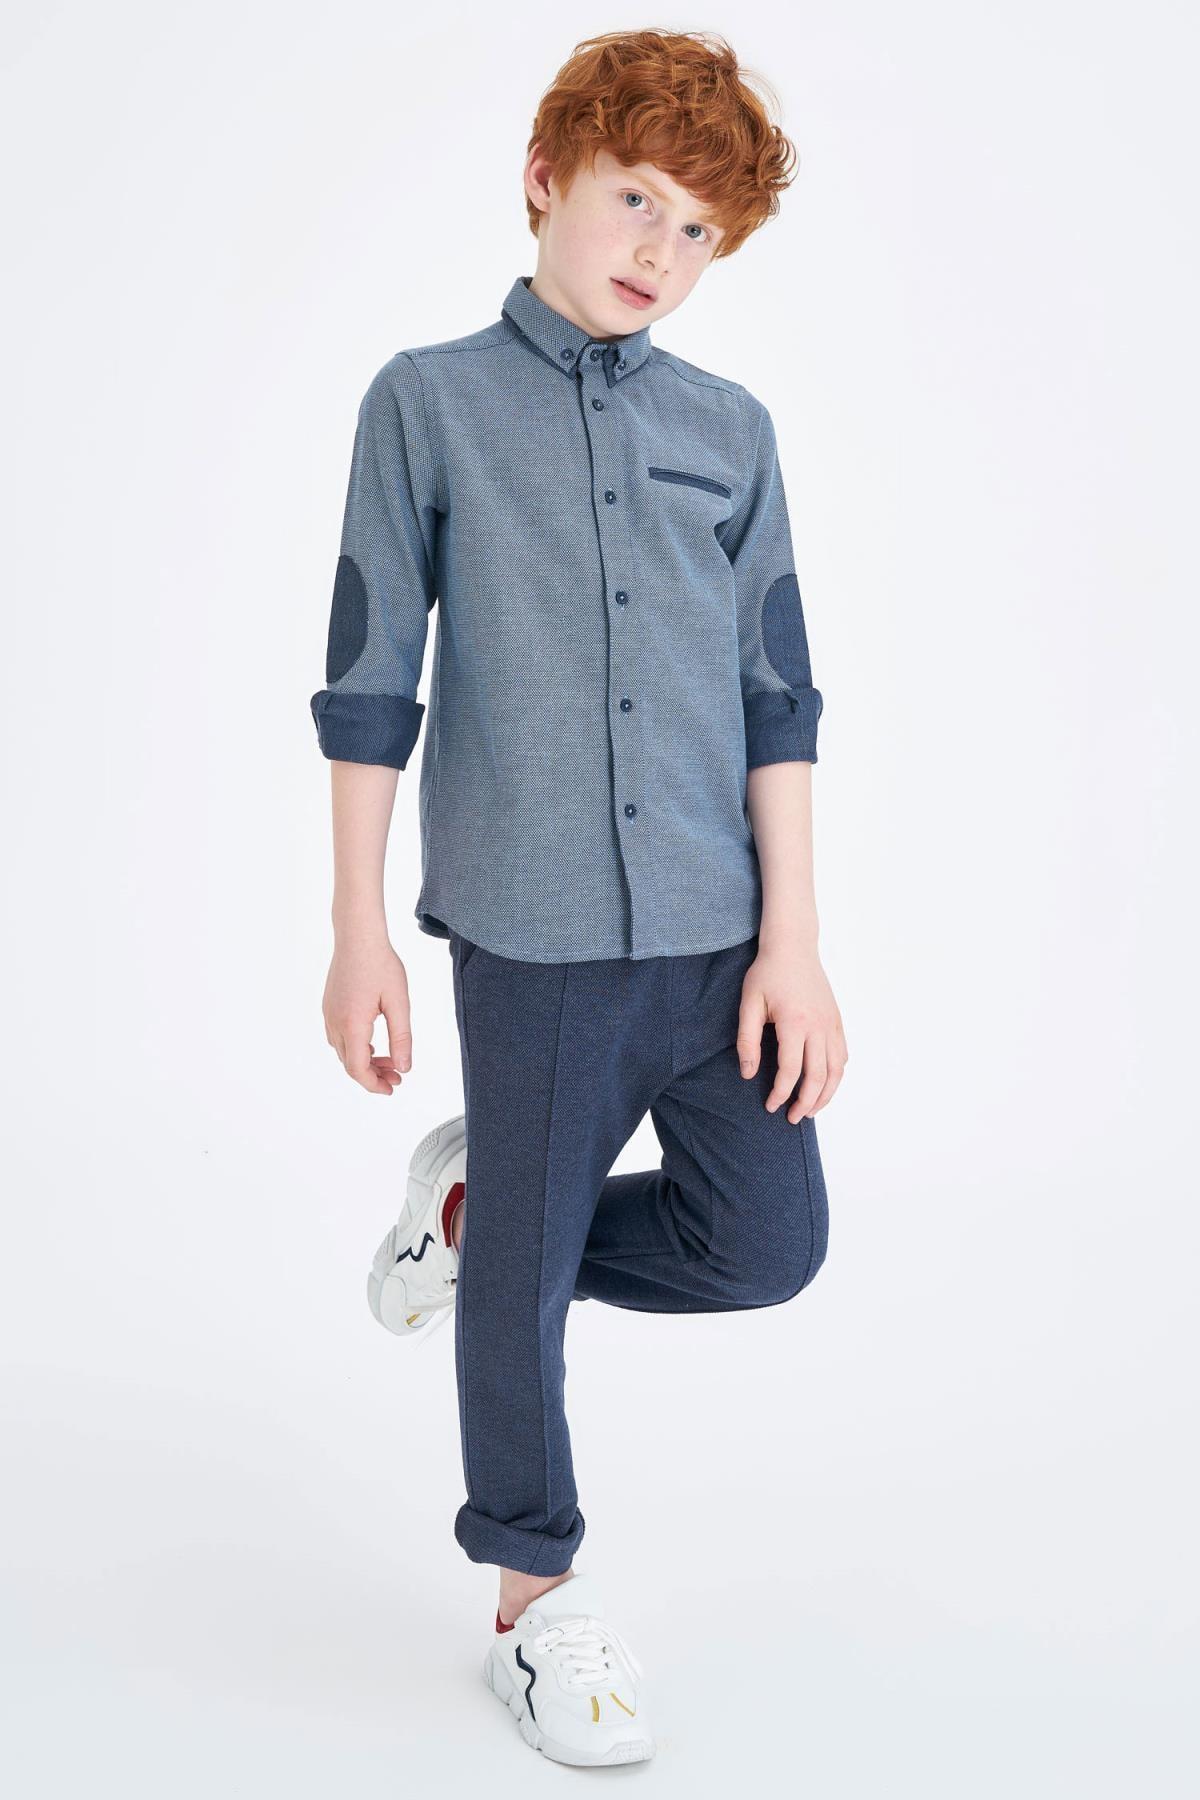 Defacto Erkek Çocuk Polo Yaka Uzun Kol Pamuklu Gömlek 0